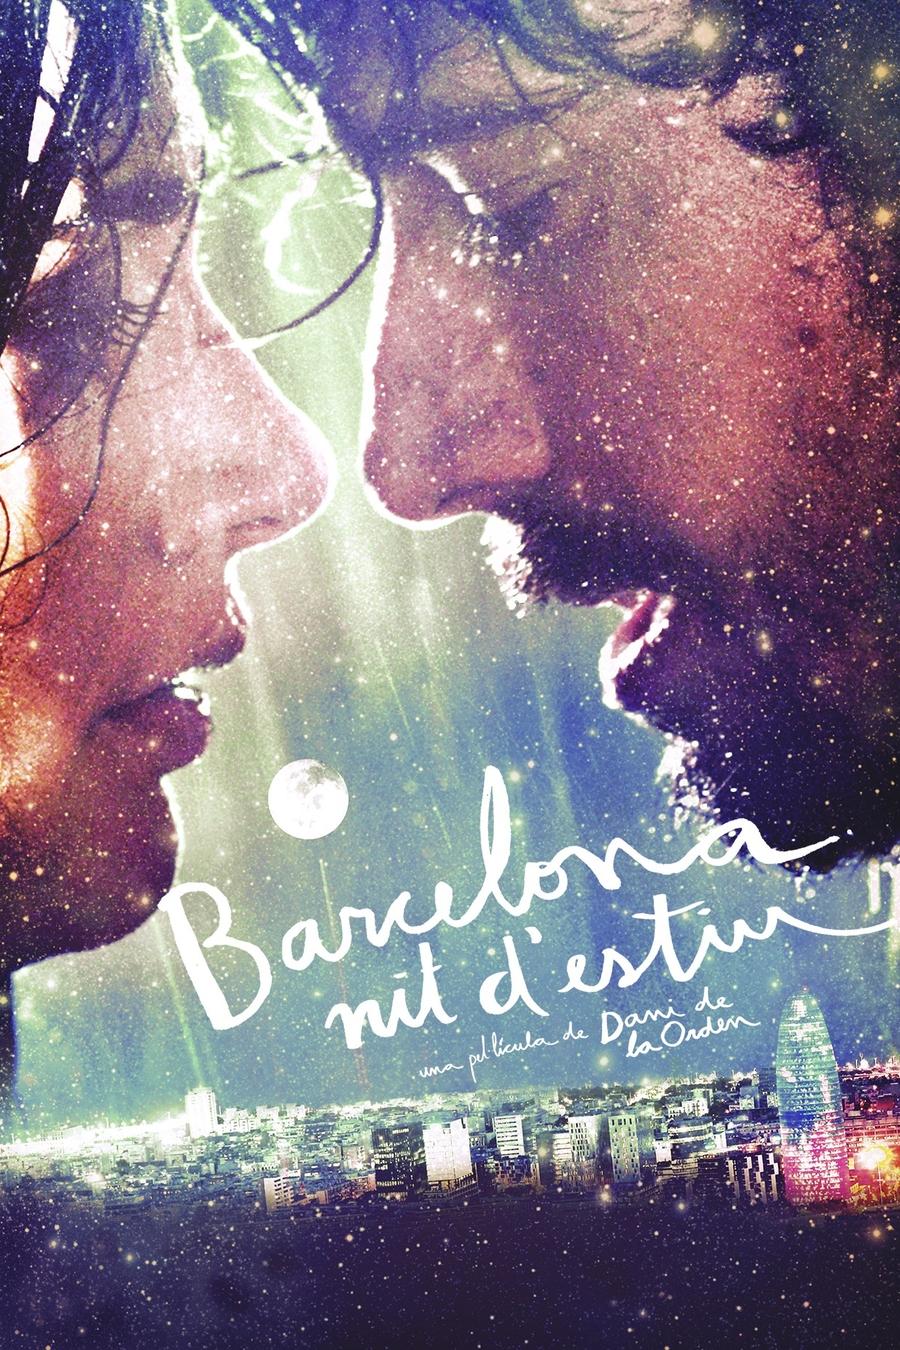 Barcelona noche de verano